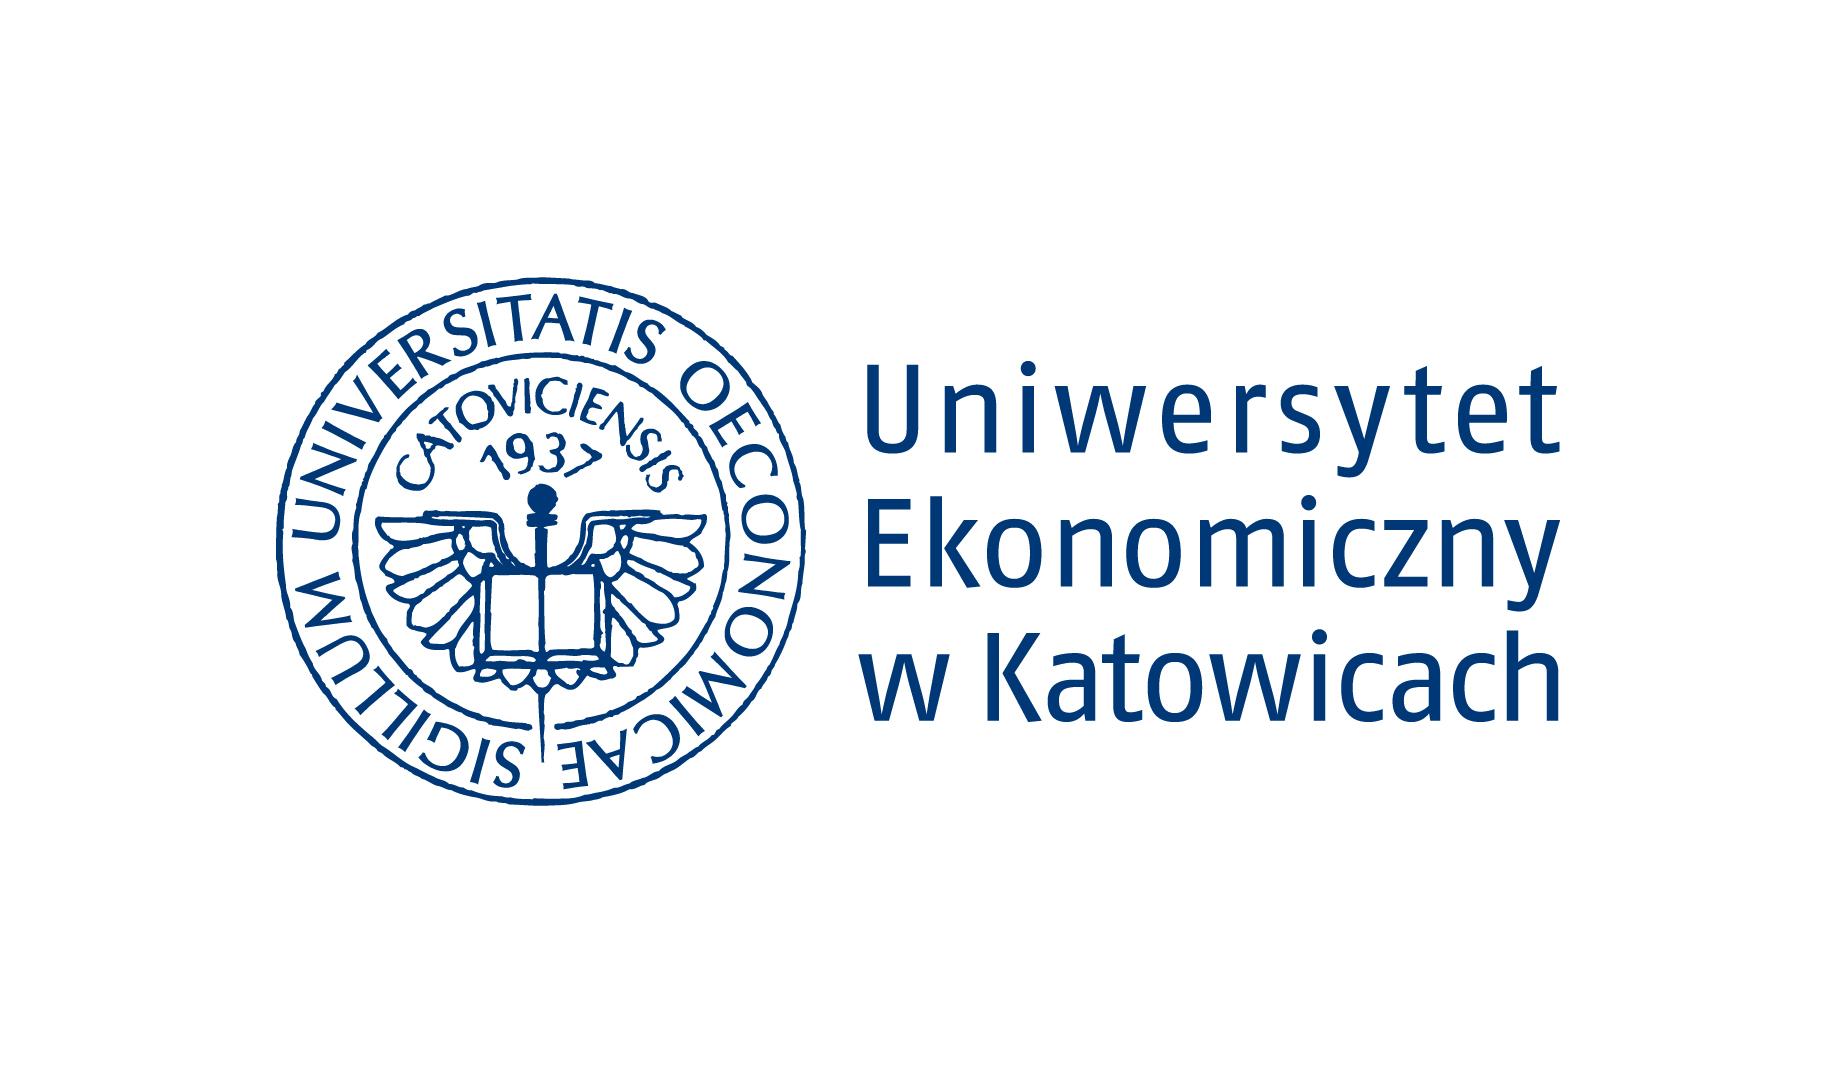 Uniwersytet Ekonomiczny w Katowicach